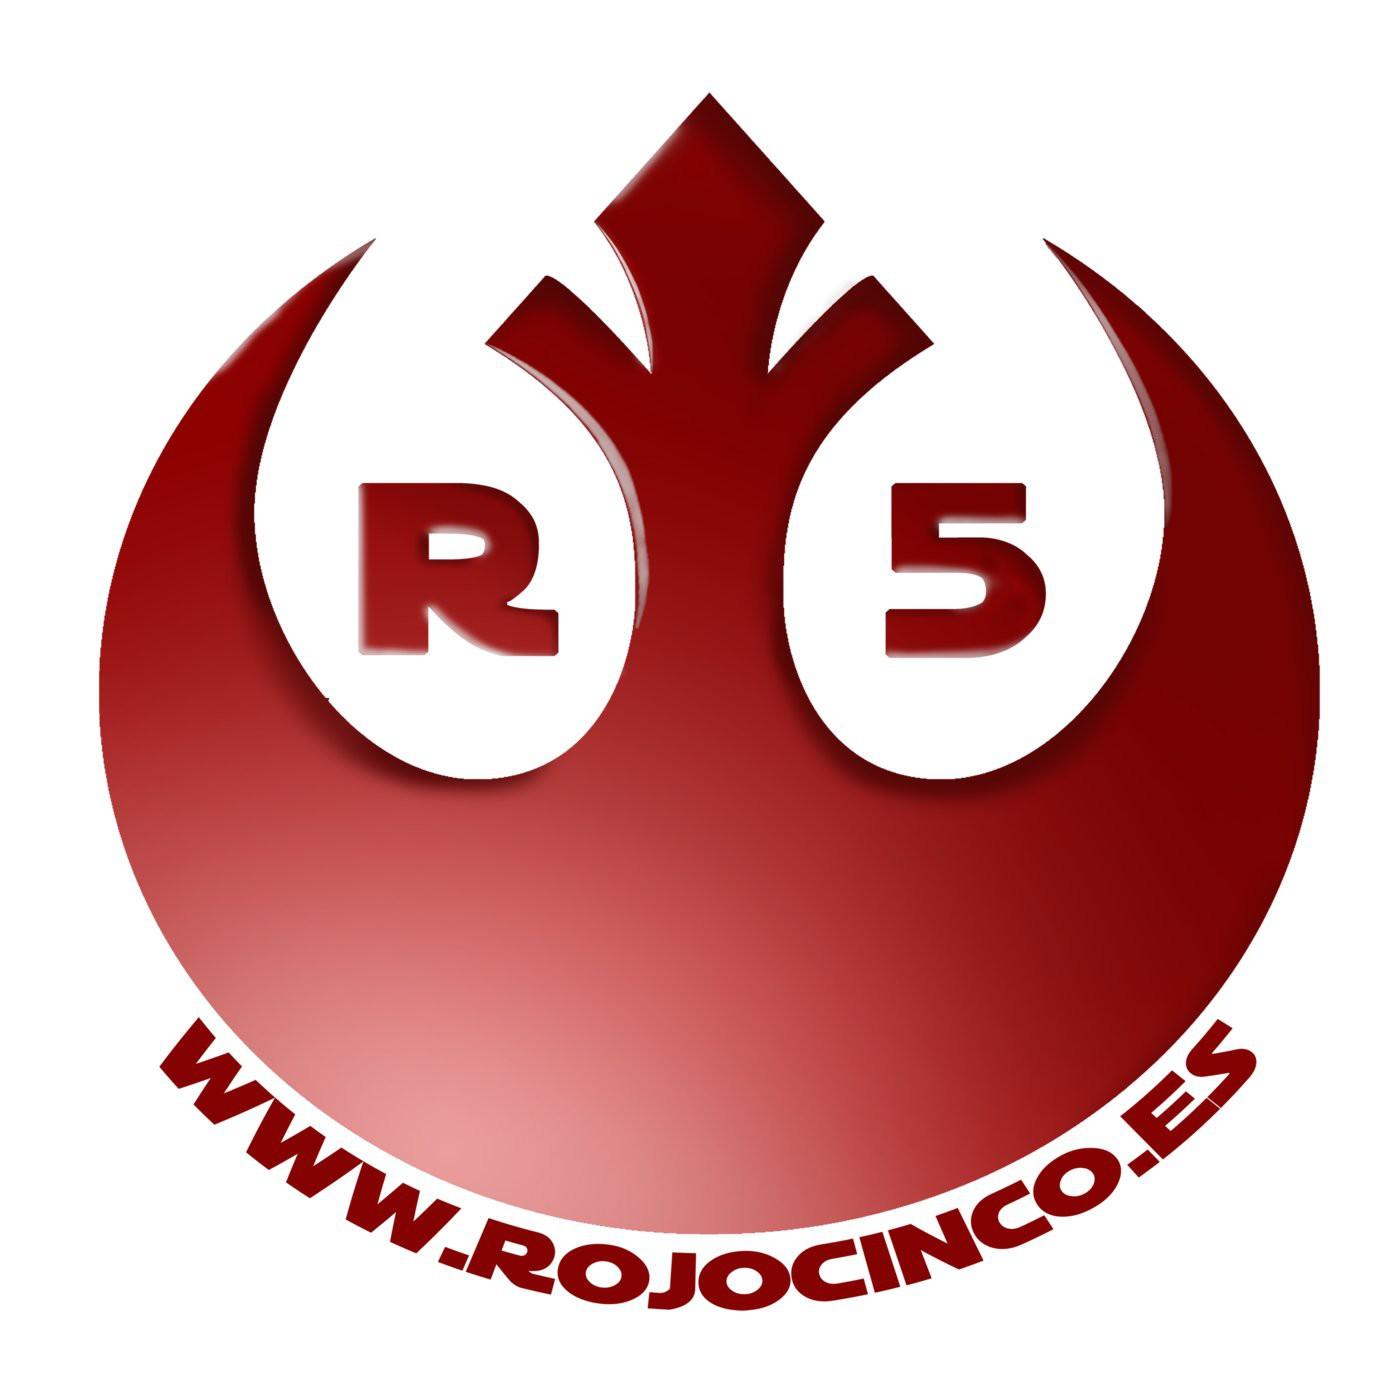 Xwing - Rojo Cinco